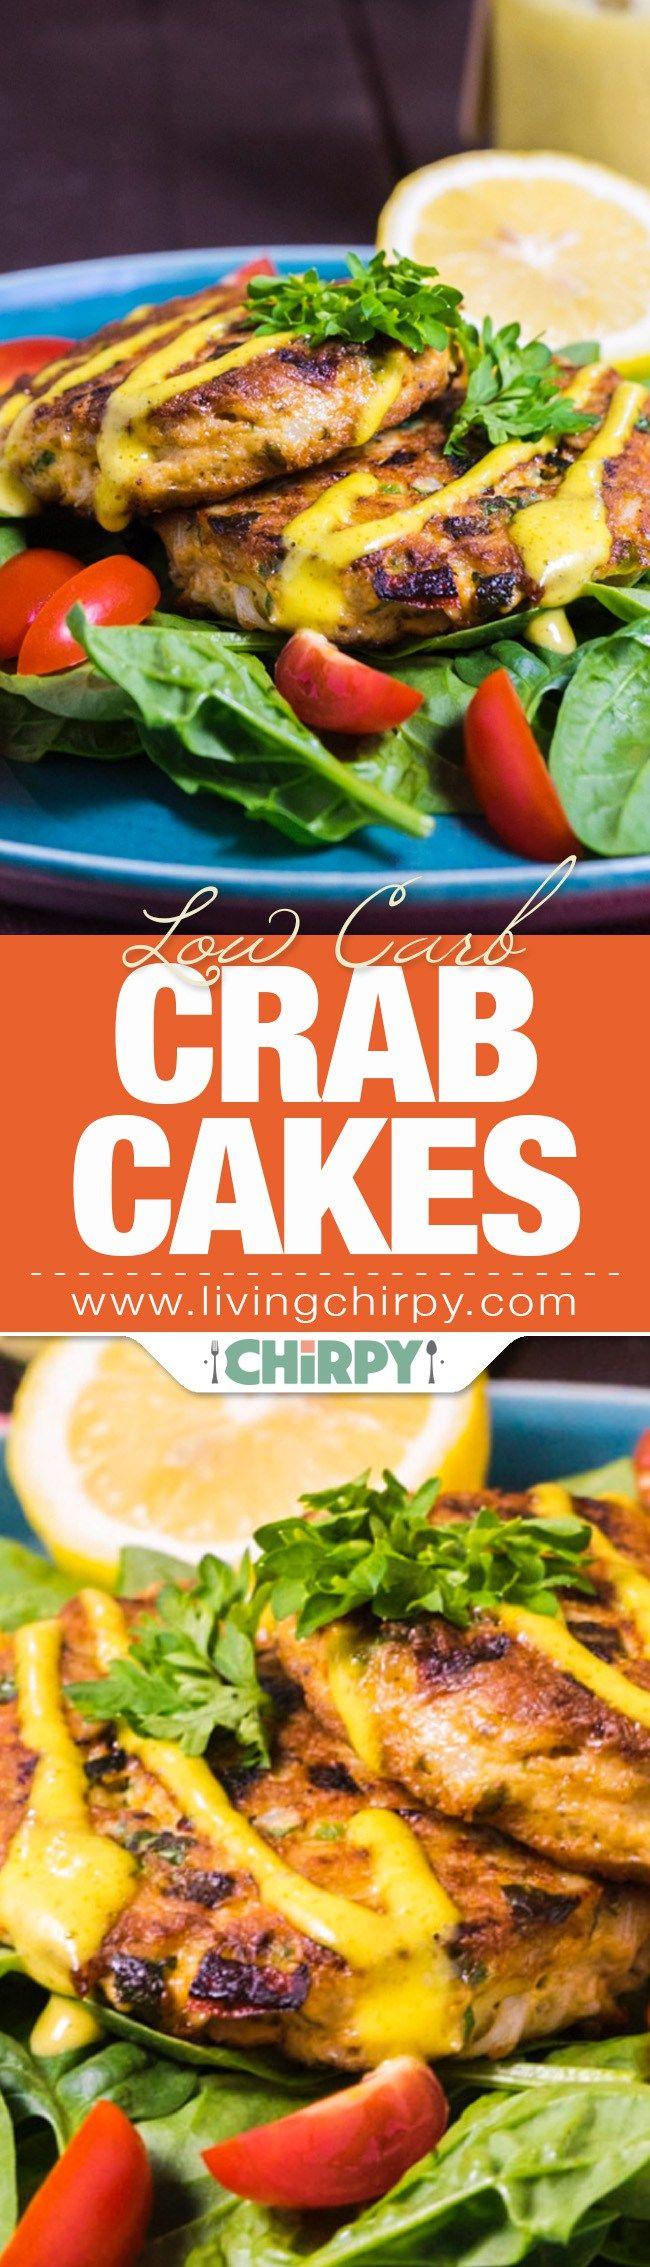 Gluten Free Crab Cakes Recipe